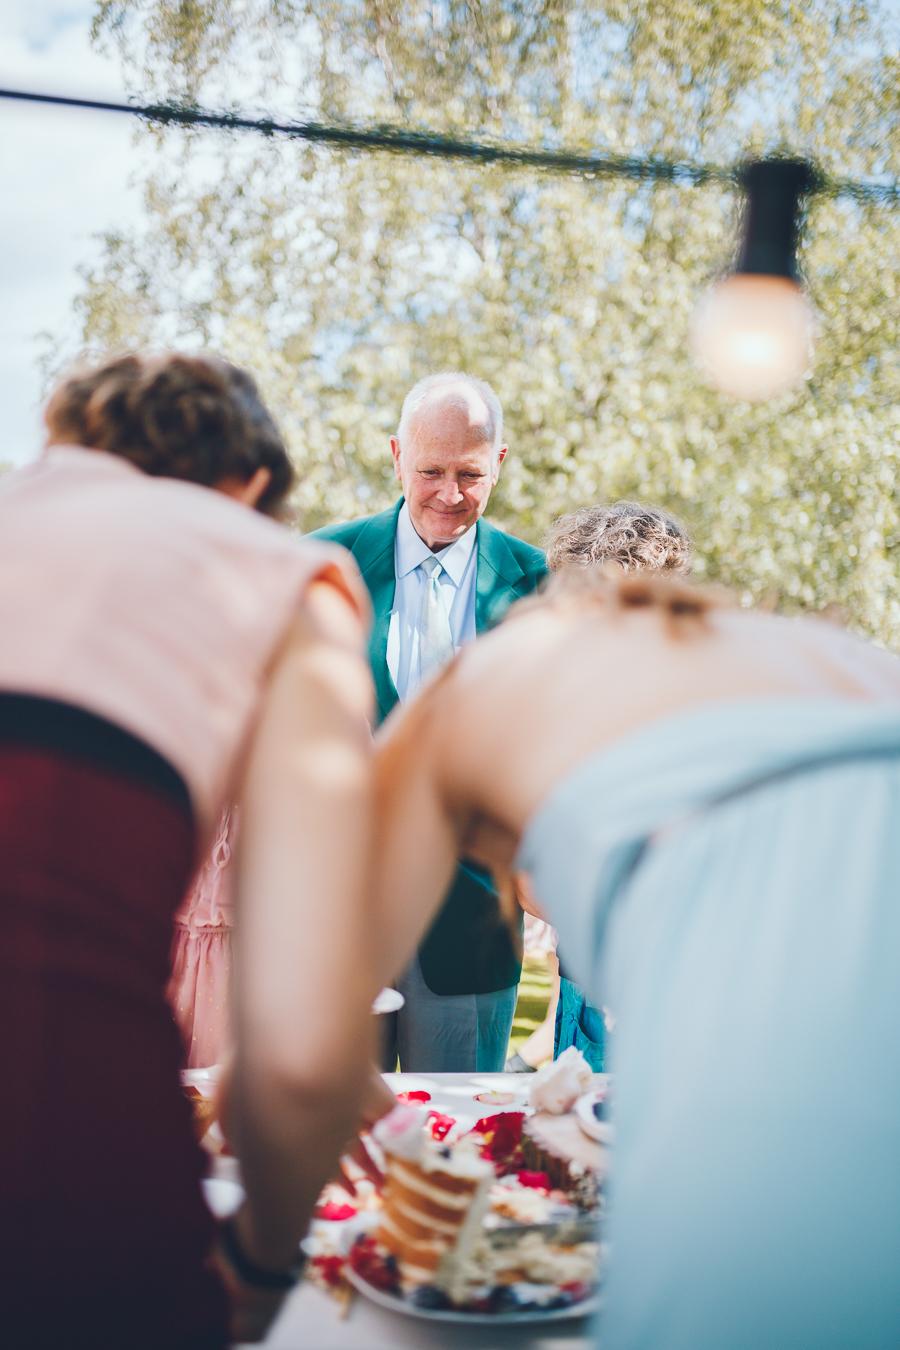 Trouwambtenaar kijkt verlekkerd naar de bruidstaart terwijl de ceremoniemeesters de taart snijden tijdens bruiloft thuis op erf van oude boerderij trouwfotograaf Apeldoorn